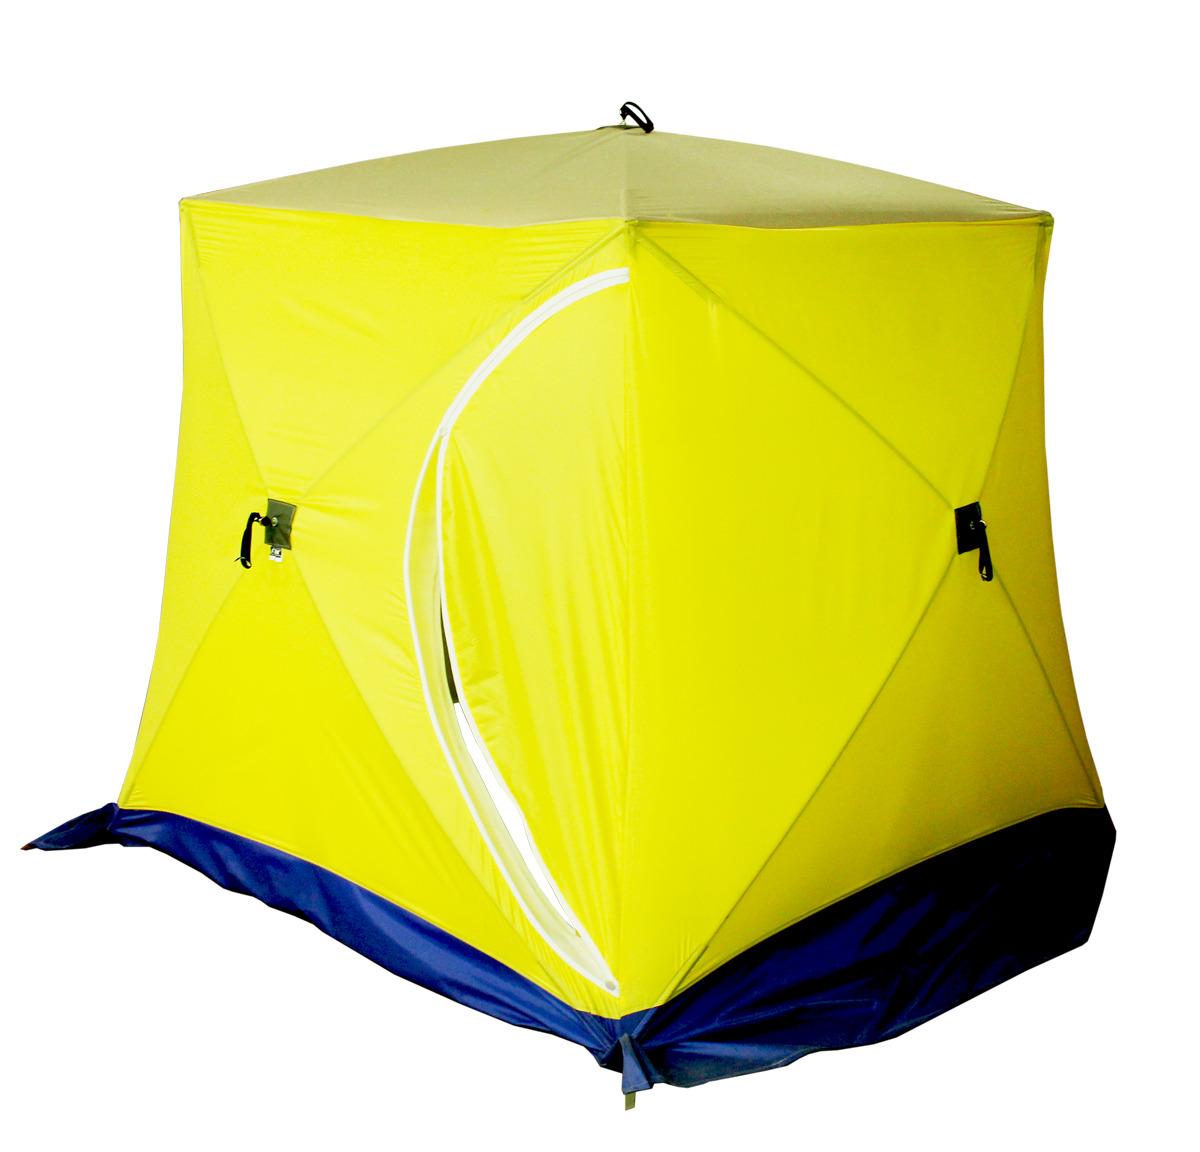 Палатка рыбака Стэк КУБ-1, одноместная, двухслойная, цвет: желтый, синий